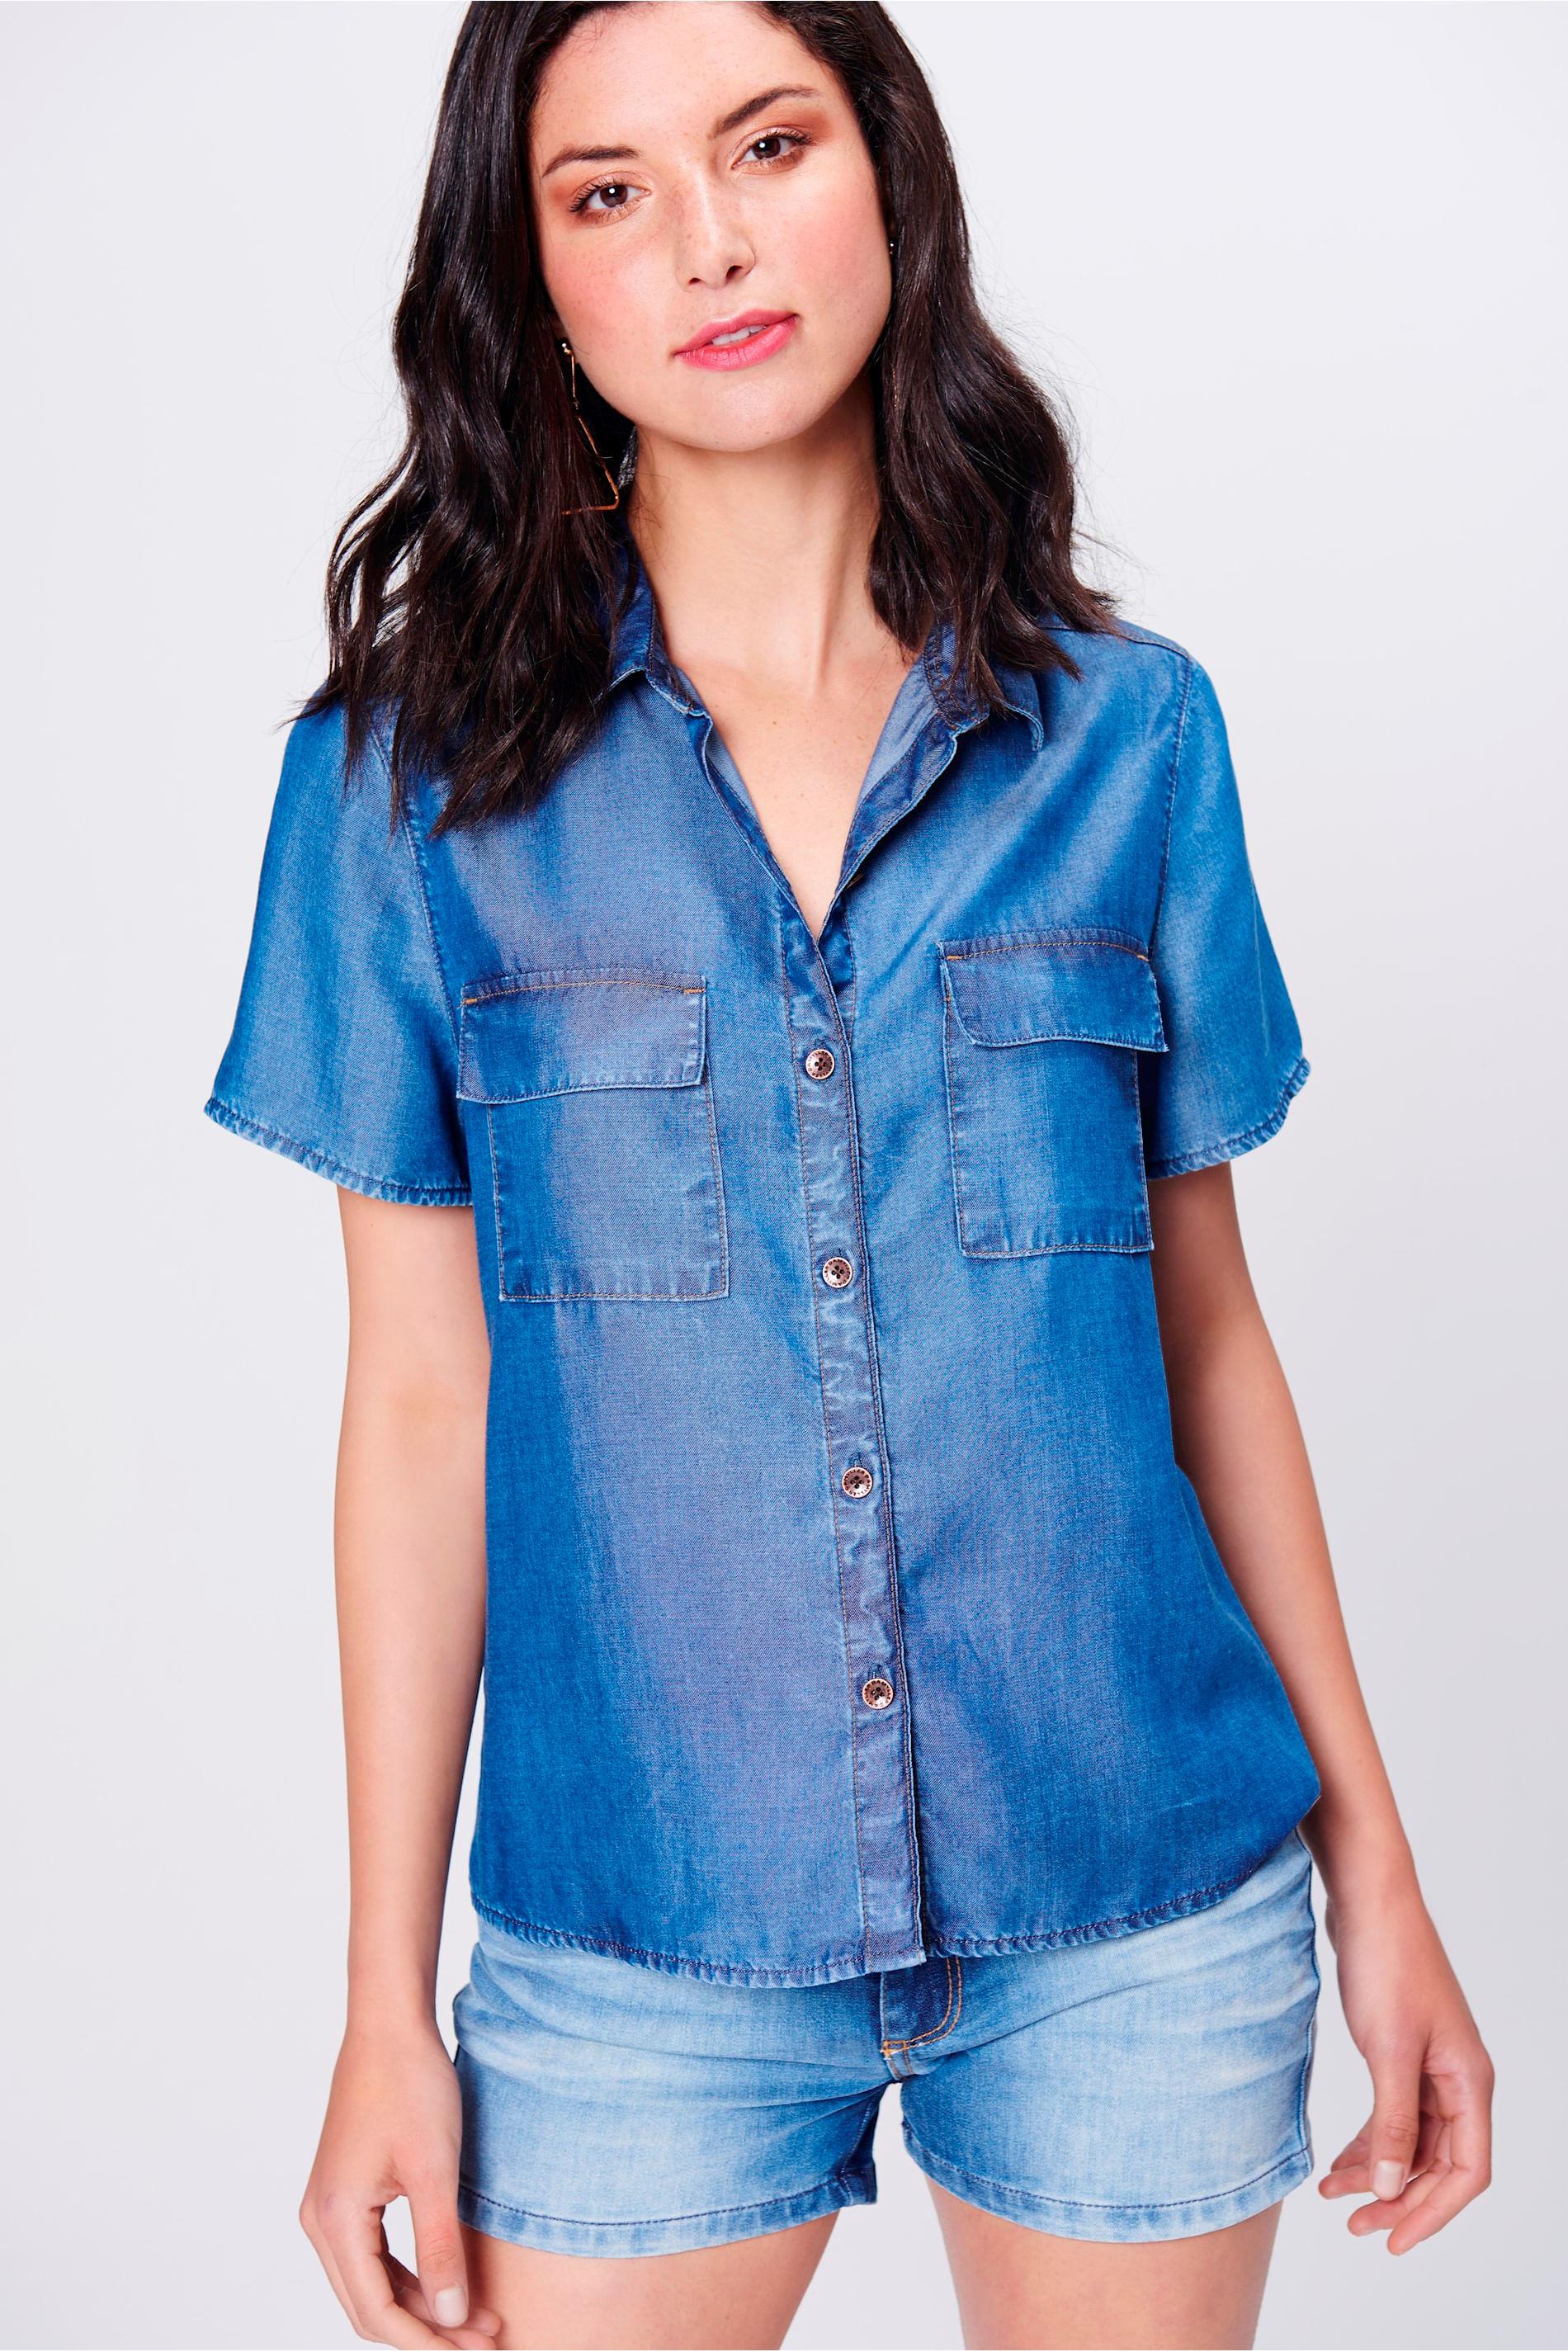 Camisa Jeans de Manga Curta Feminina - Damyller 1ed1d1b8c6ebd